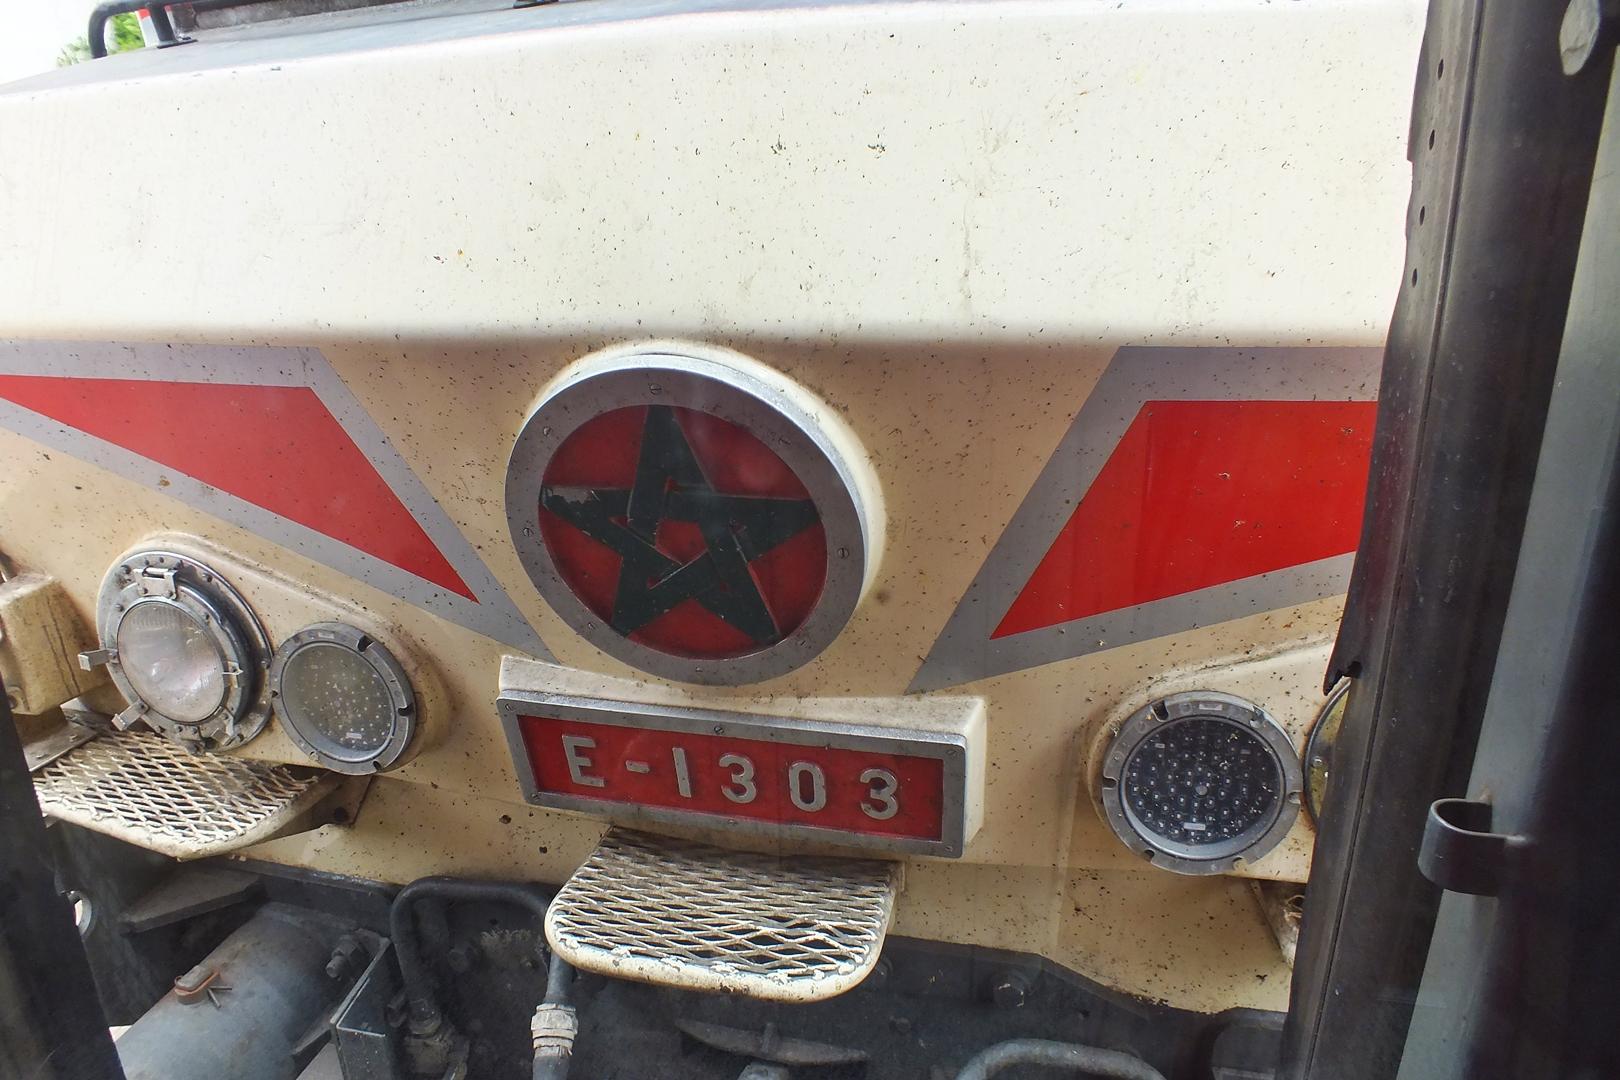 dscf4189.JPG